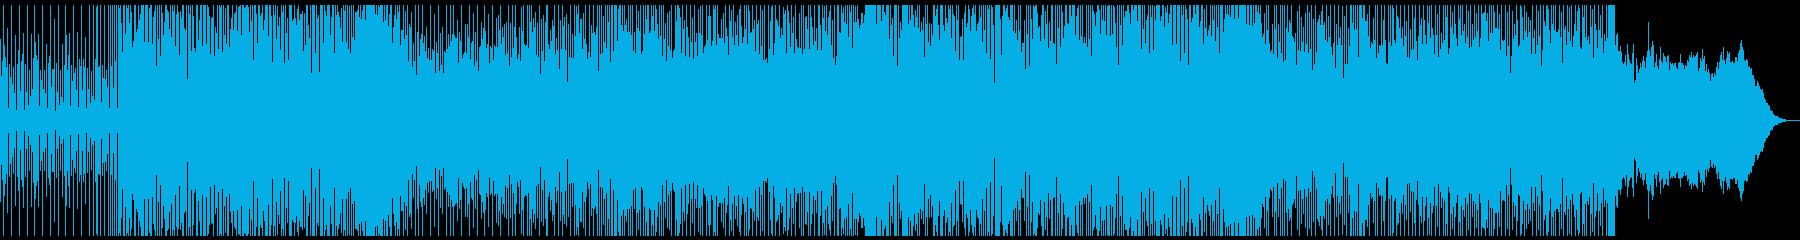 ふわふわとした牧歌的エレクトロニカの再生済みの波形